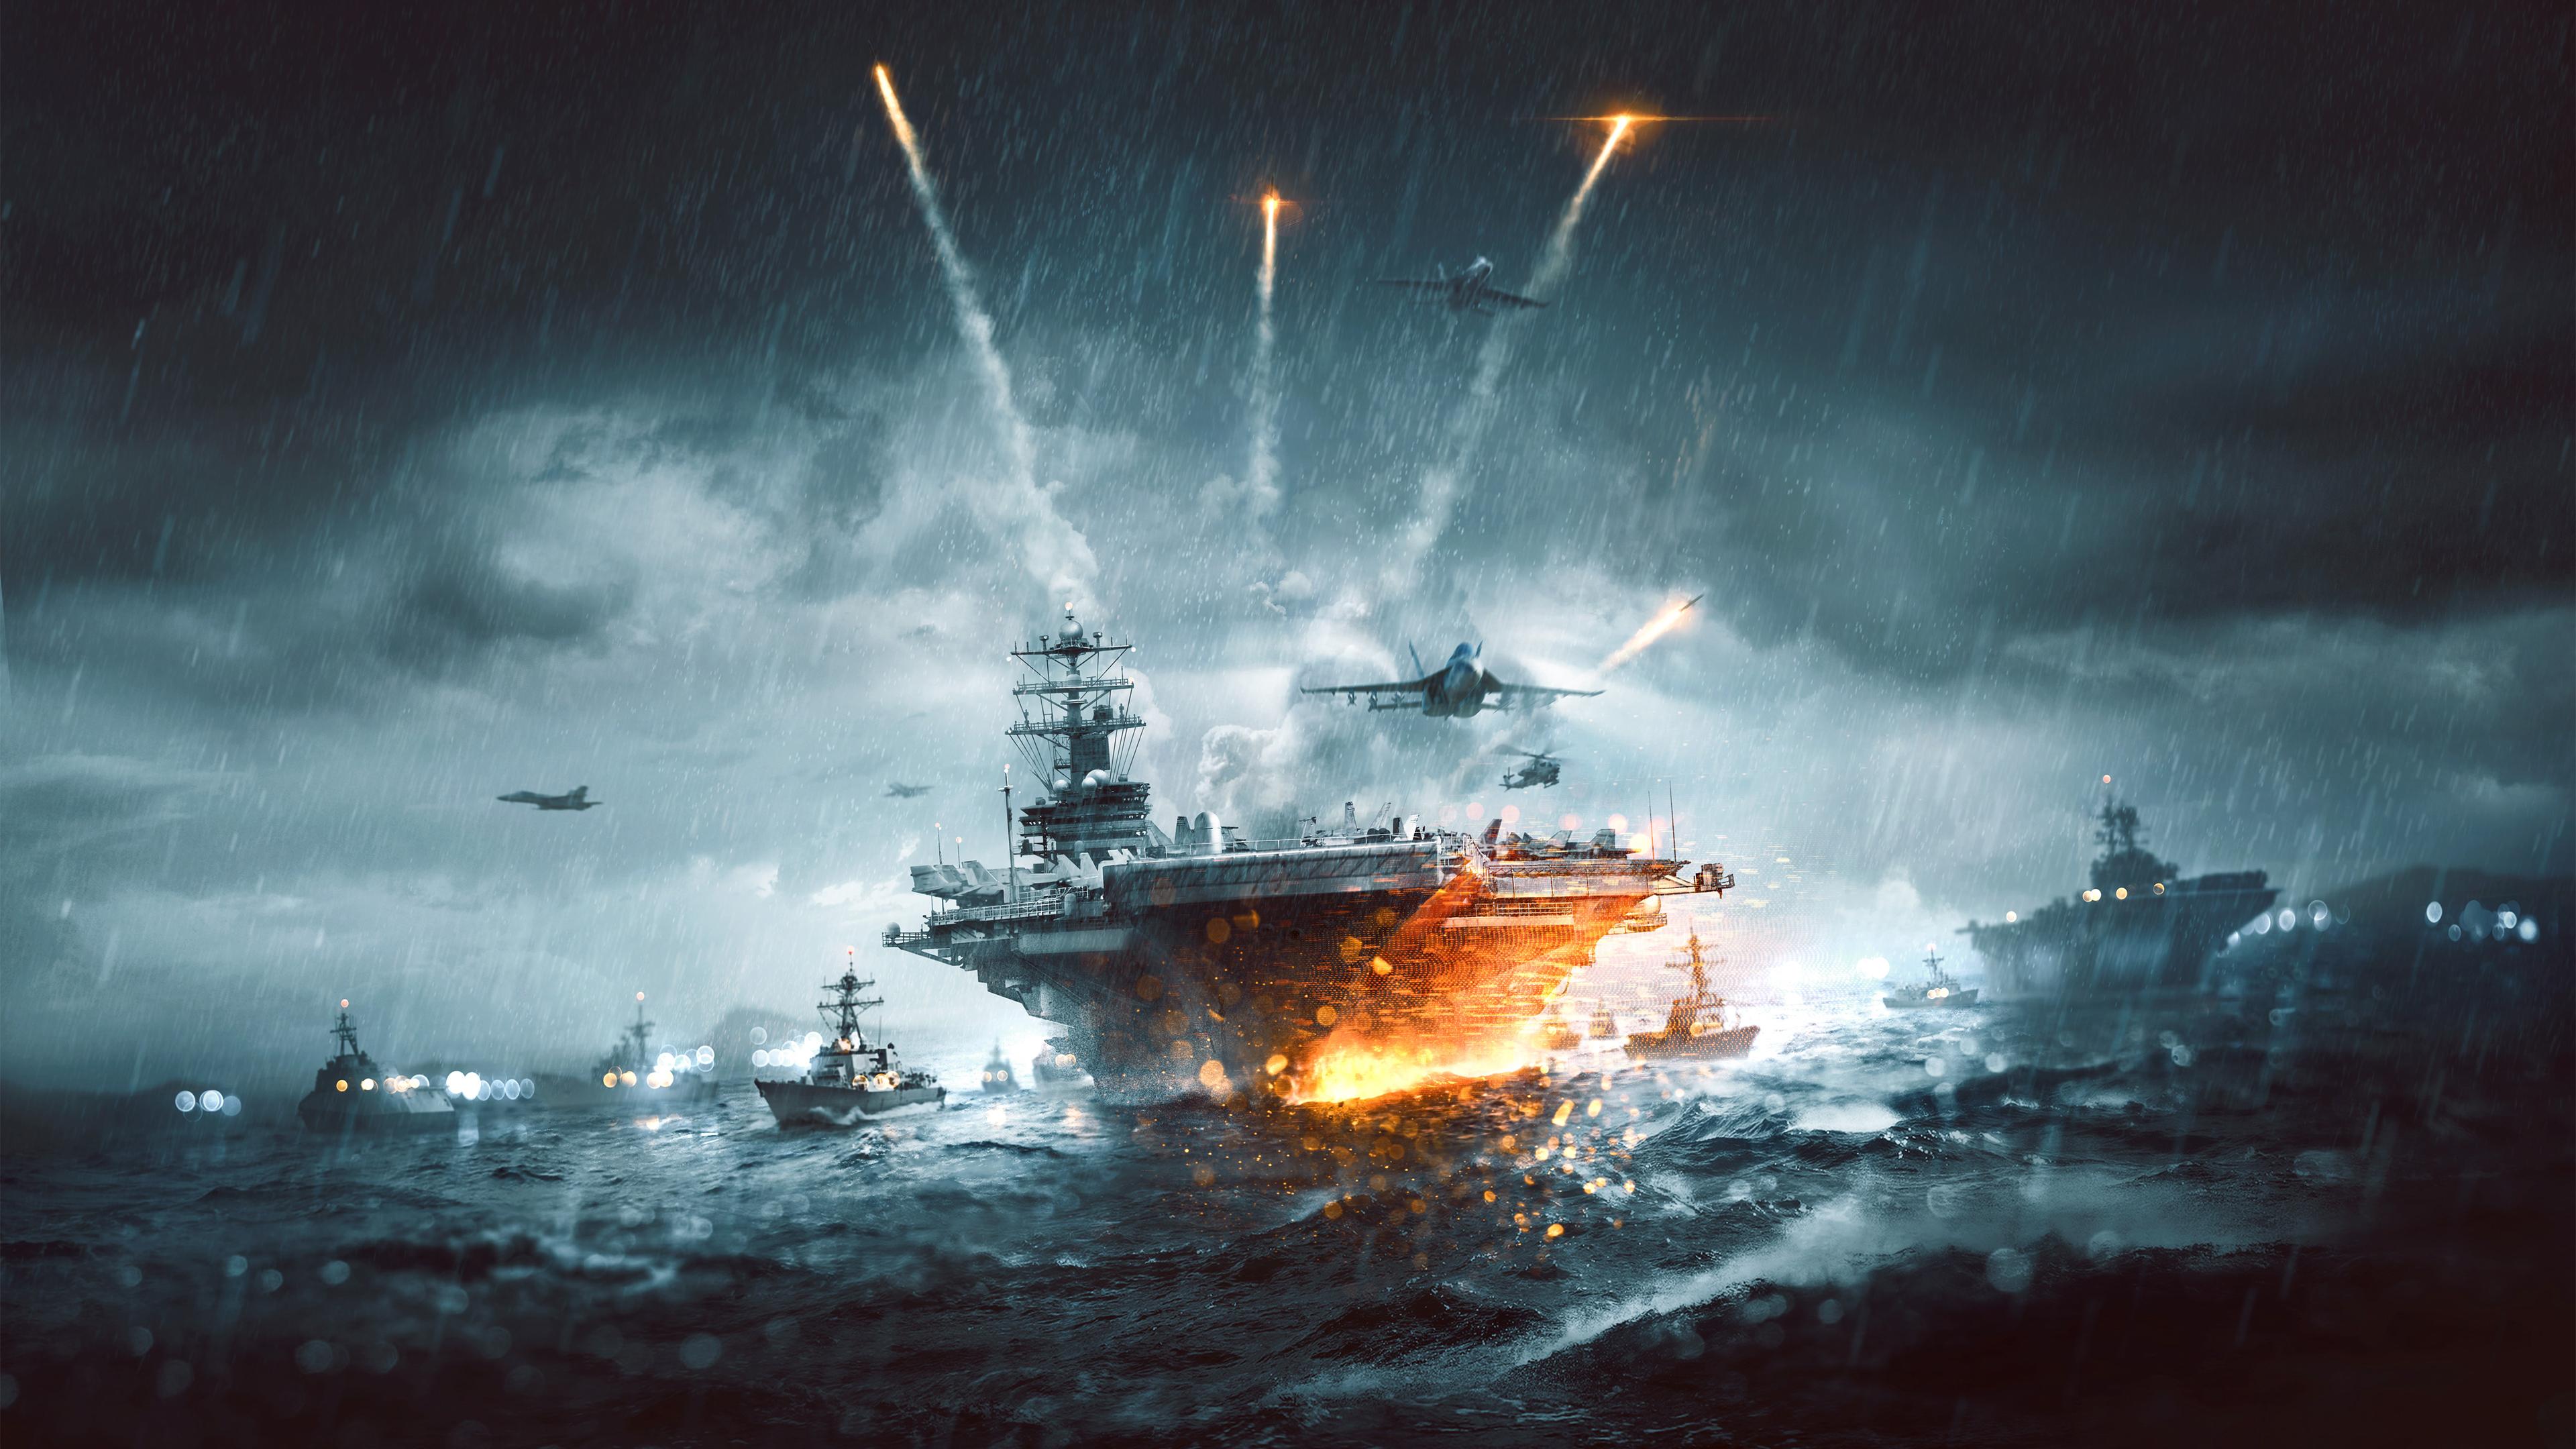 battlefield 4 naval strike 4k 1553074663 - Battlefield 4 Naval Strike 4k - xbox games wallpapers, ps4 games wallpapers, pc games wallpapers, hd-wallpapers, games wallpapers, ea games wallpapers, battlefield 4 wallpapers, 4k-wallpapers